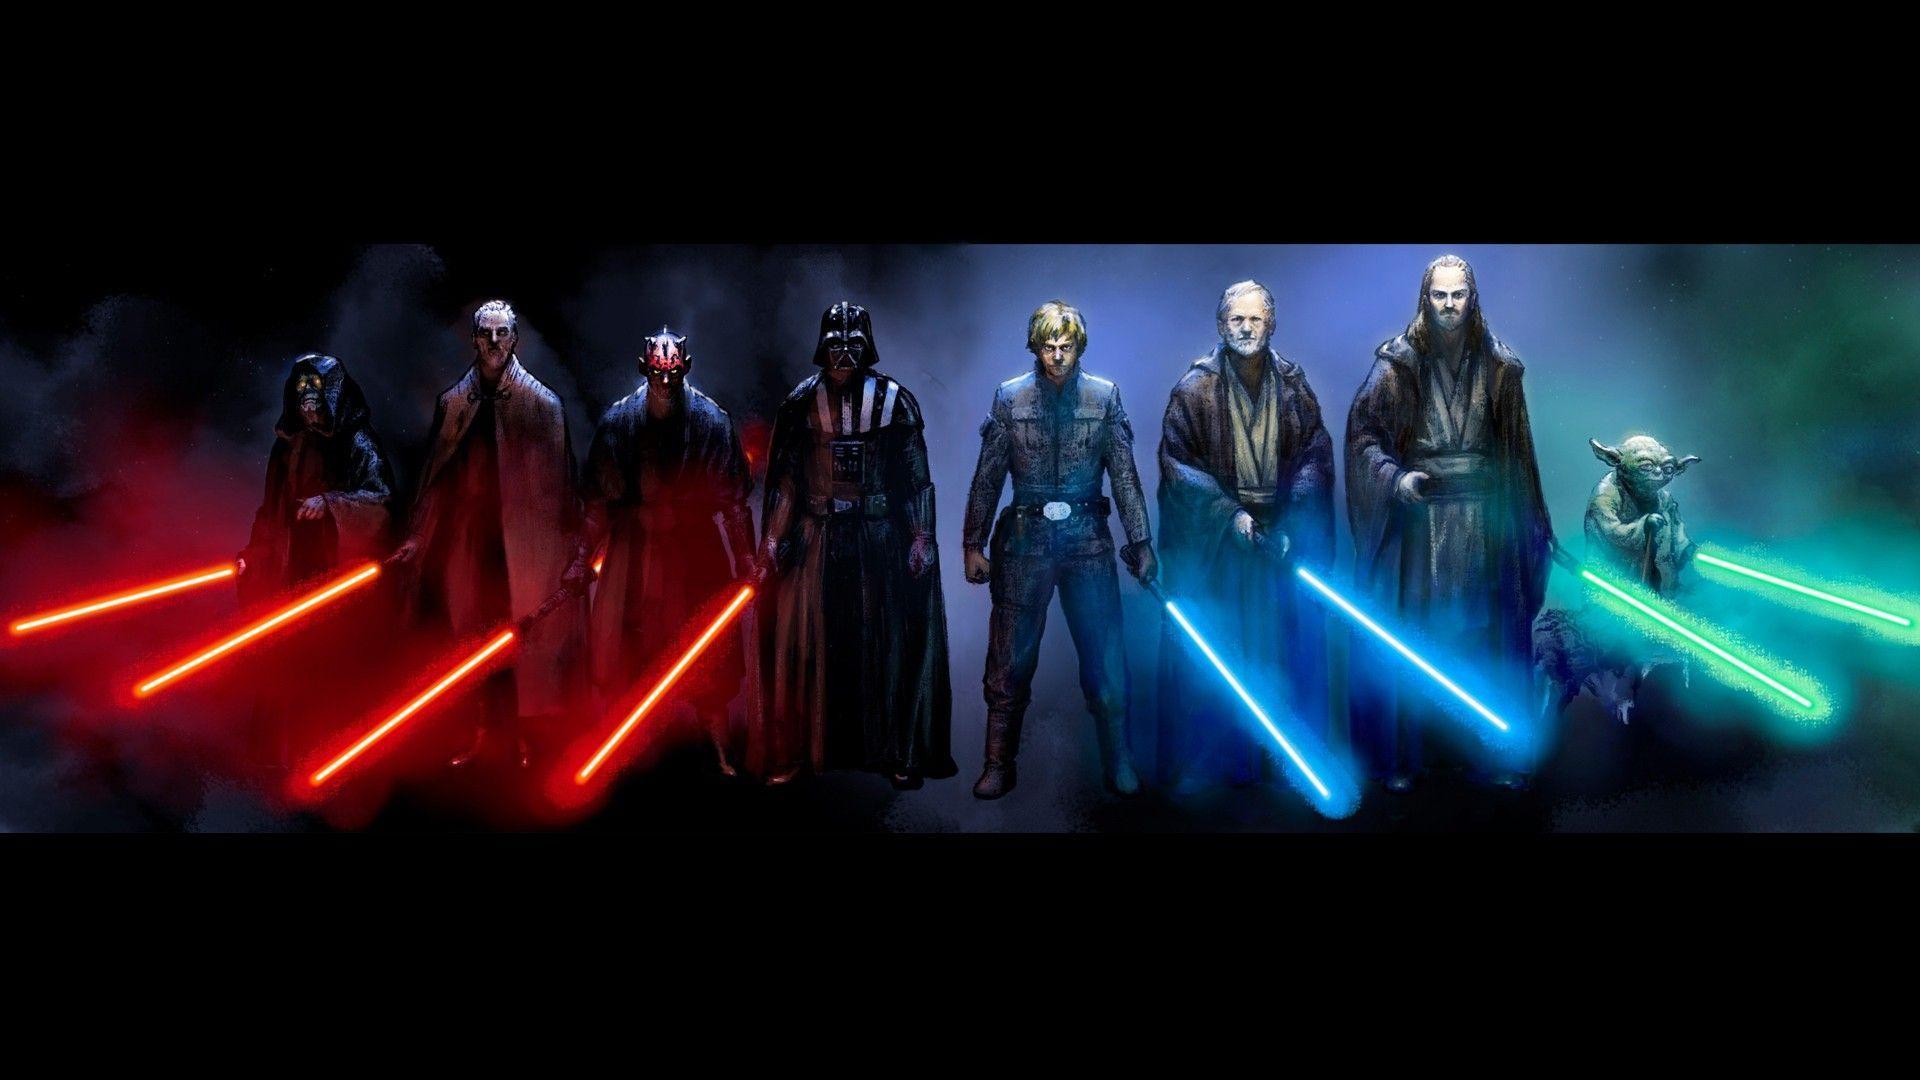 Anakin Skywalker Vs Count Dooku Wallpapers Wallpaper Cave